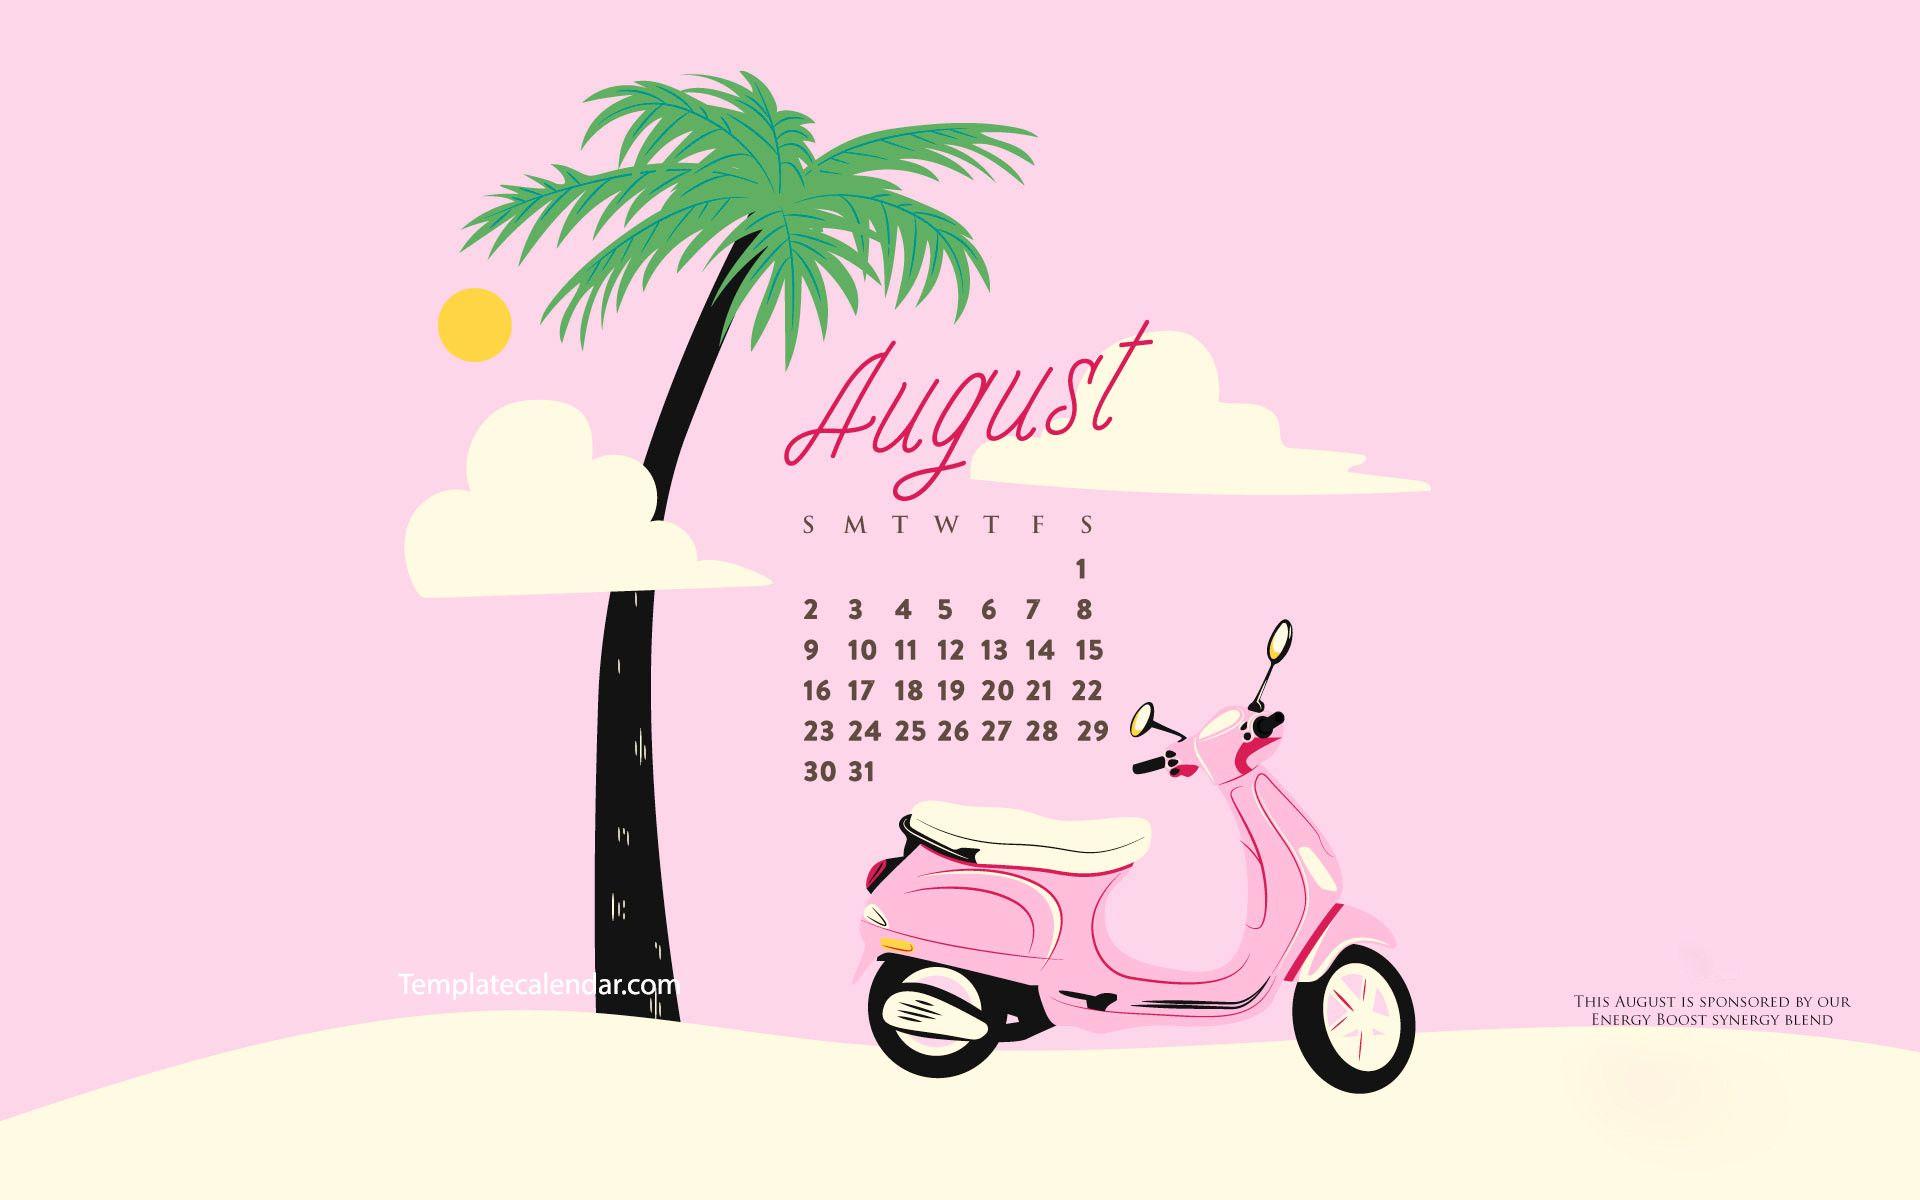 Desktop Wallpapers Calendar November 2018 183 Calendar Wallpaper Desktop Wallpaper Calendar Desktop Calendar